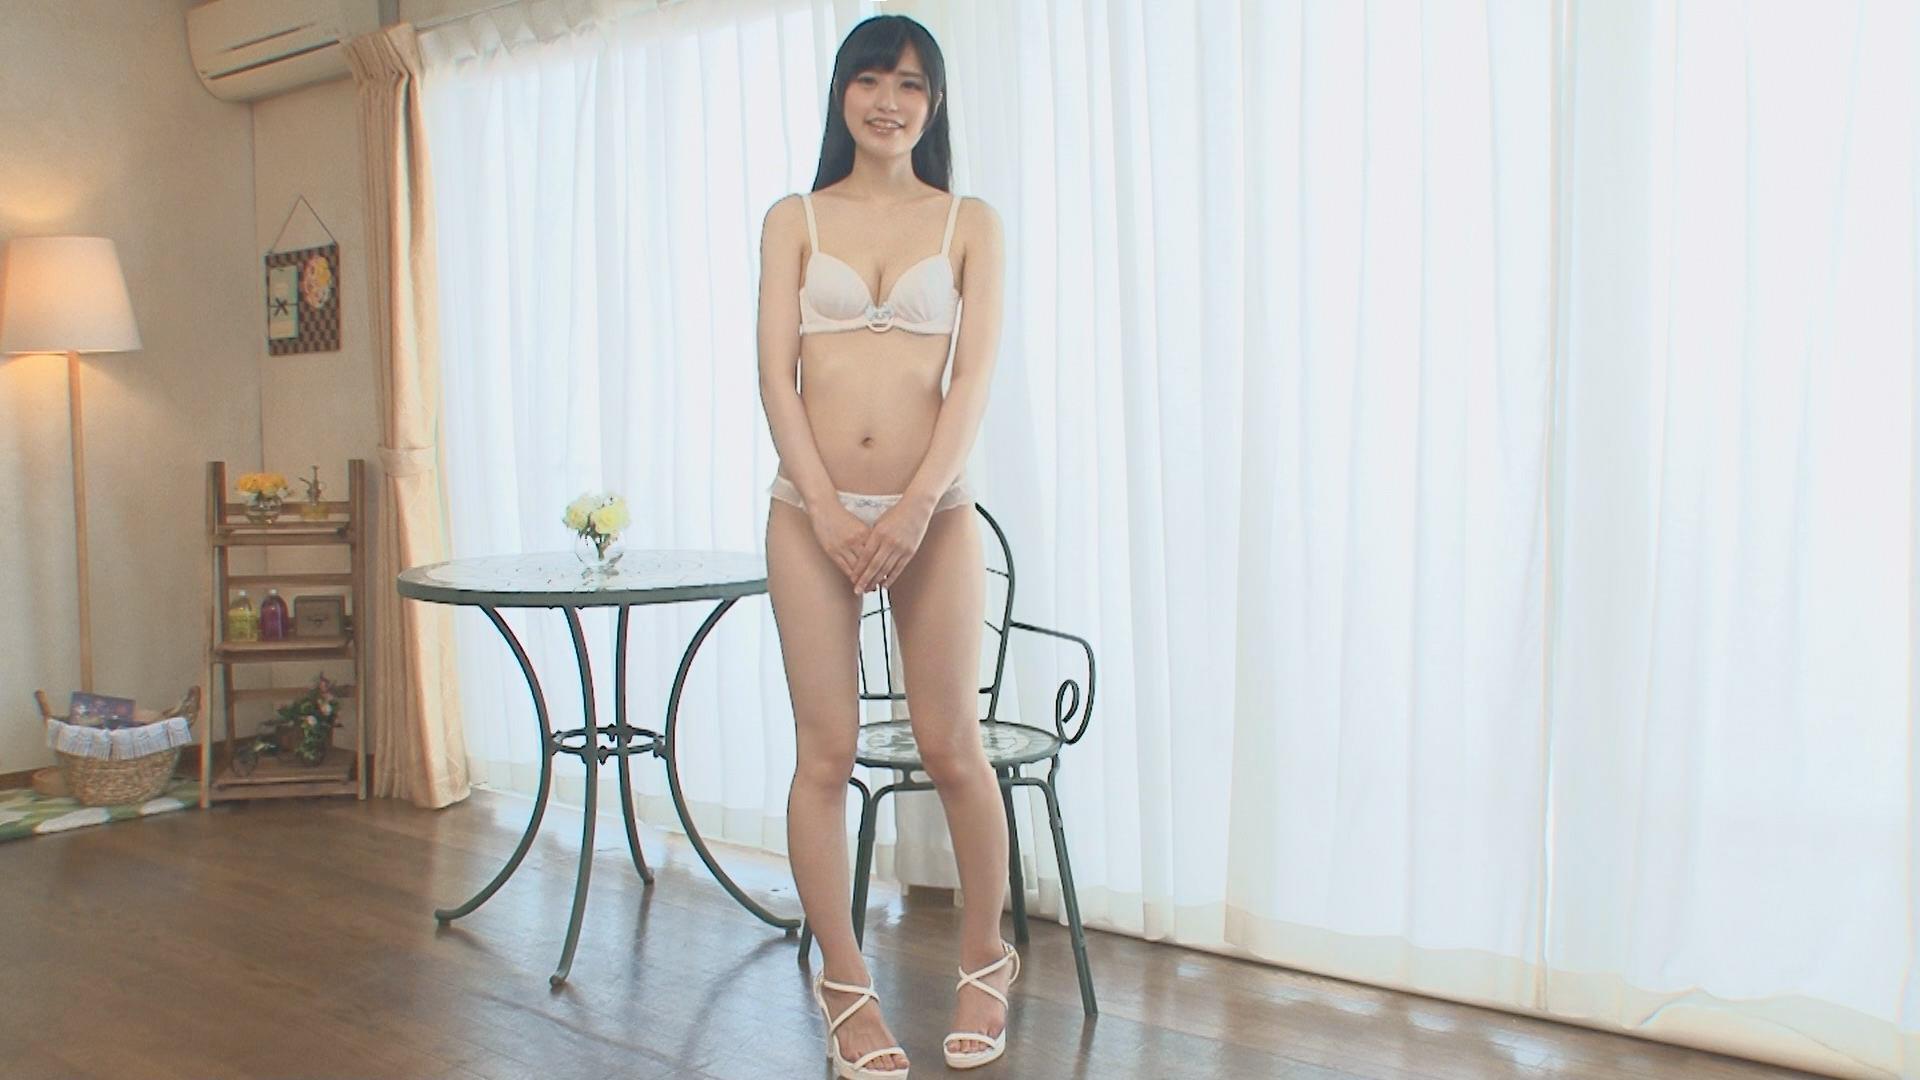 【美少女セックス動画】恥ずかしがる清楚な女の子の足を広げて弄り倒す